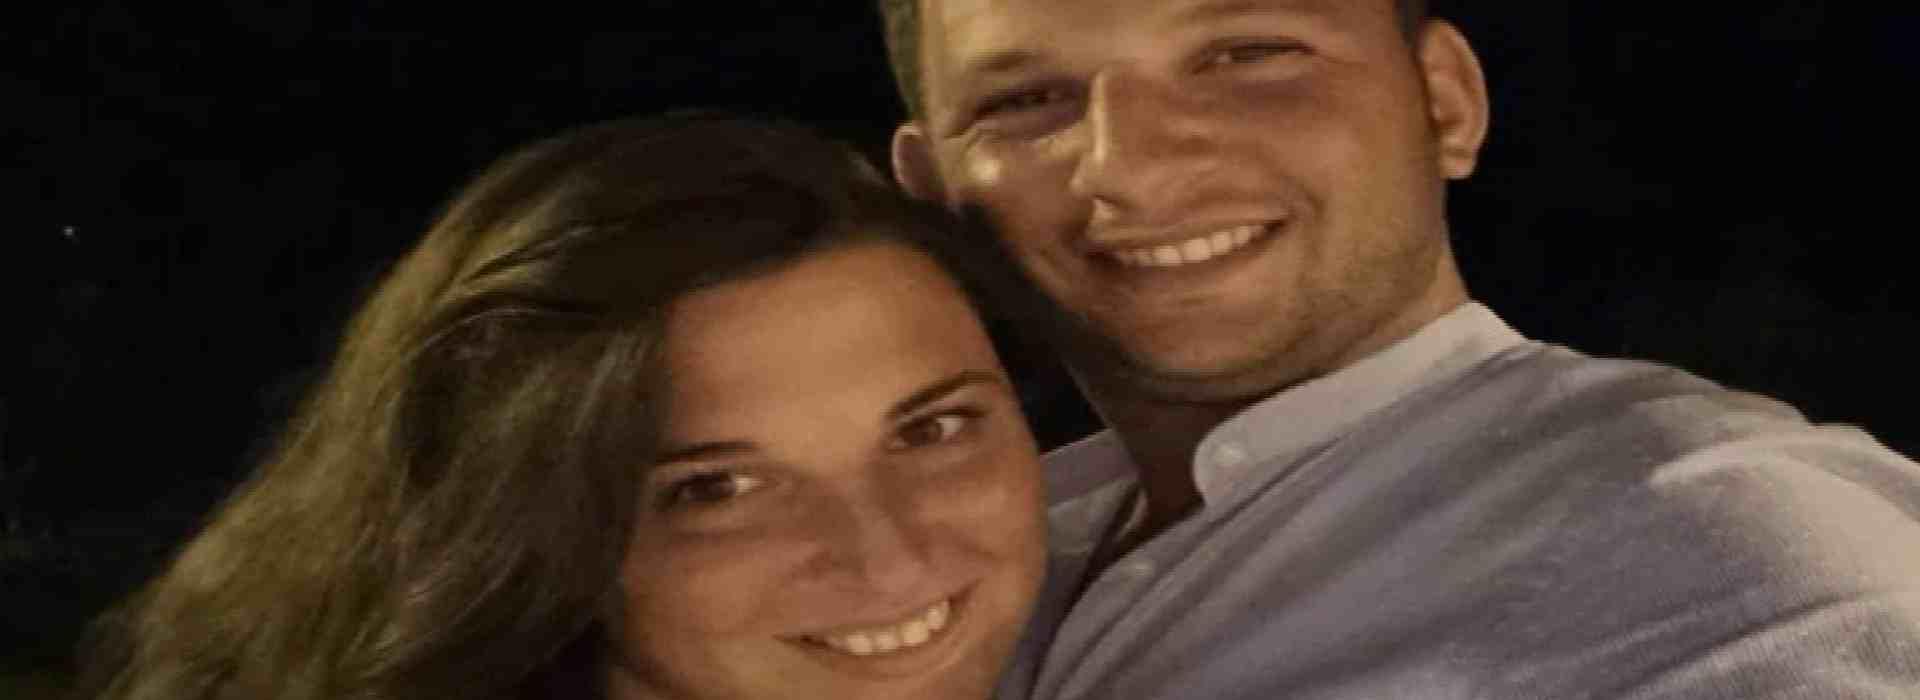 Marco Segala, il sindaco che nomina la fidanzata: un Comune da amministrare con tanto amore